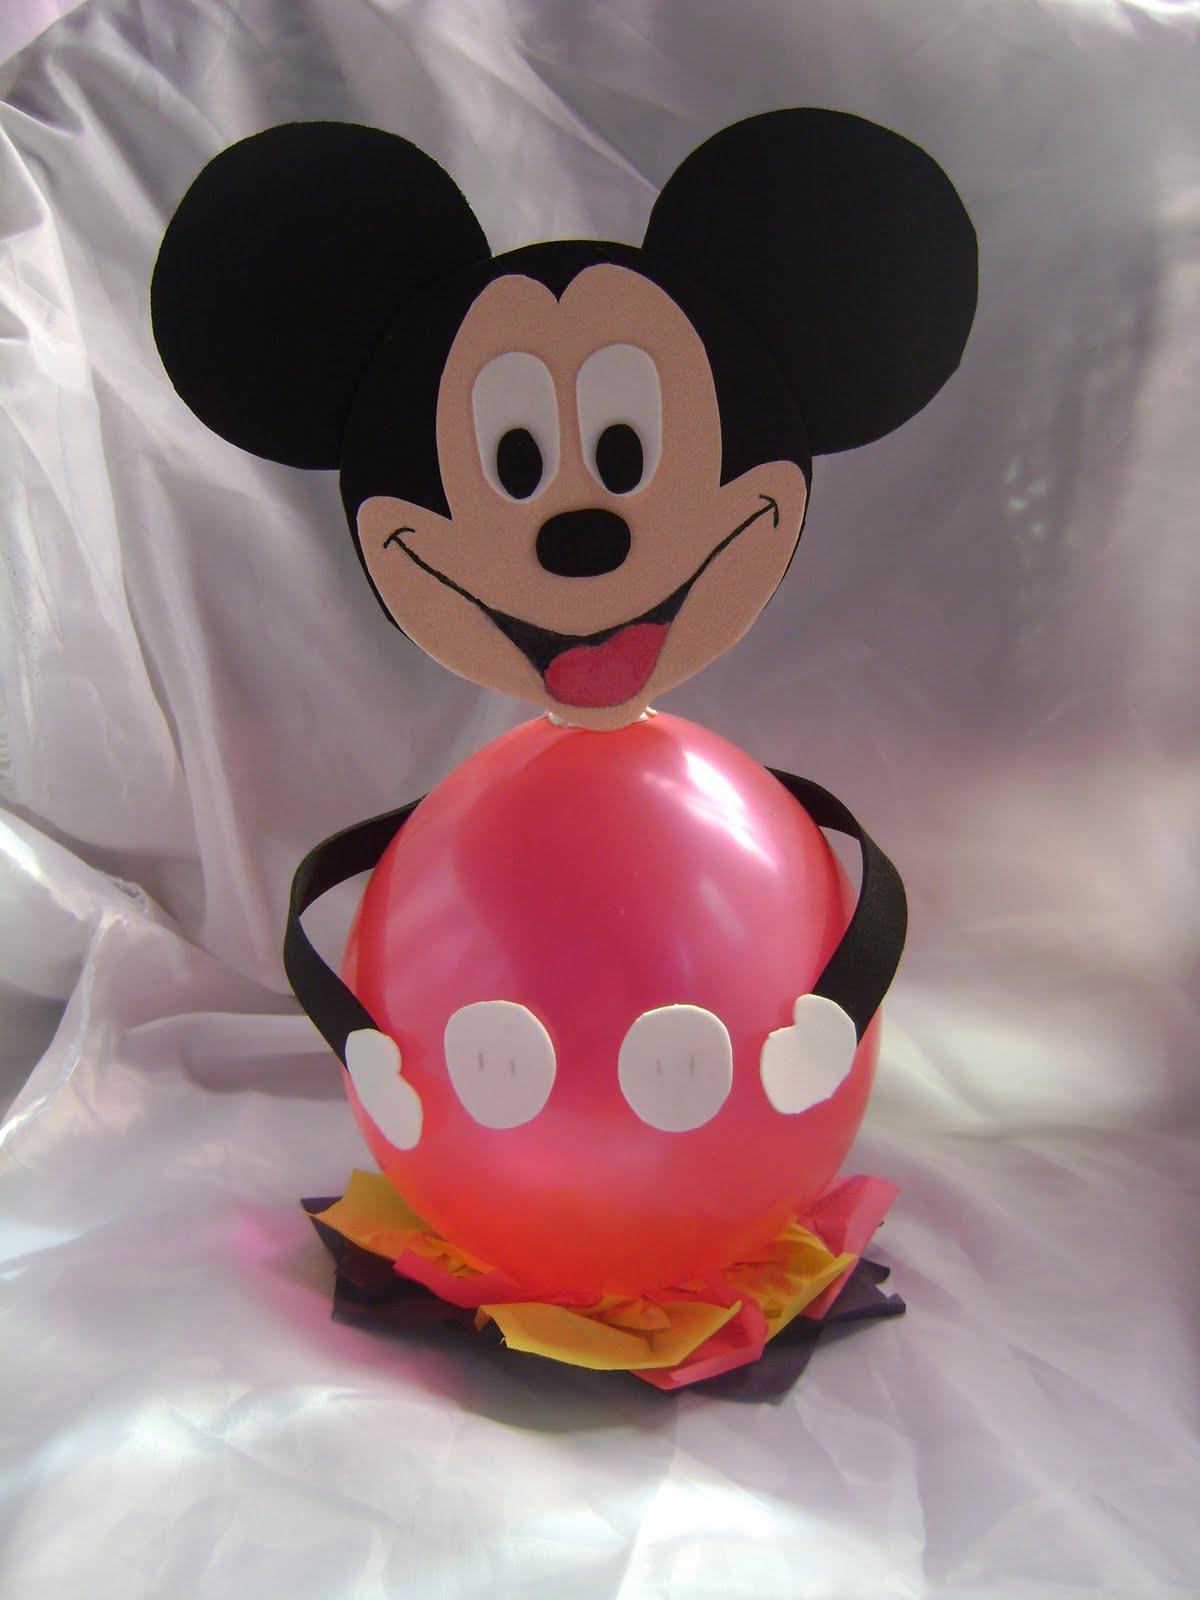 de mickey mouse - photo #17